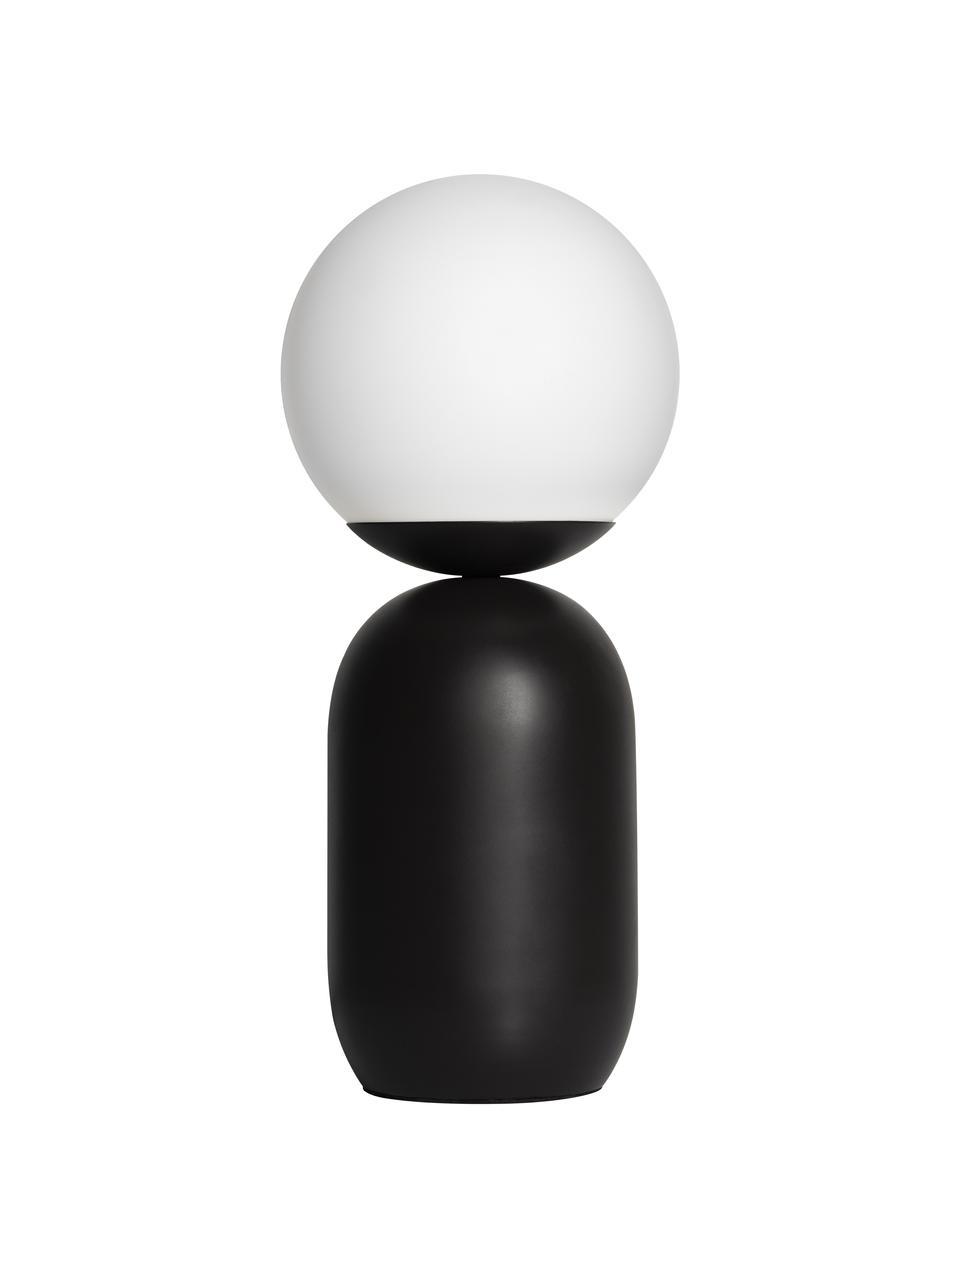 Lampa stołowa ze szklanym kloszem Notti, Czarny, biały, Ø 15 x W 35 cm